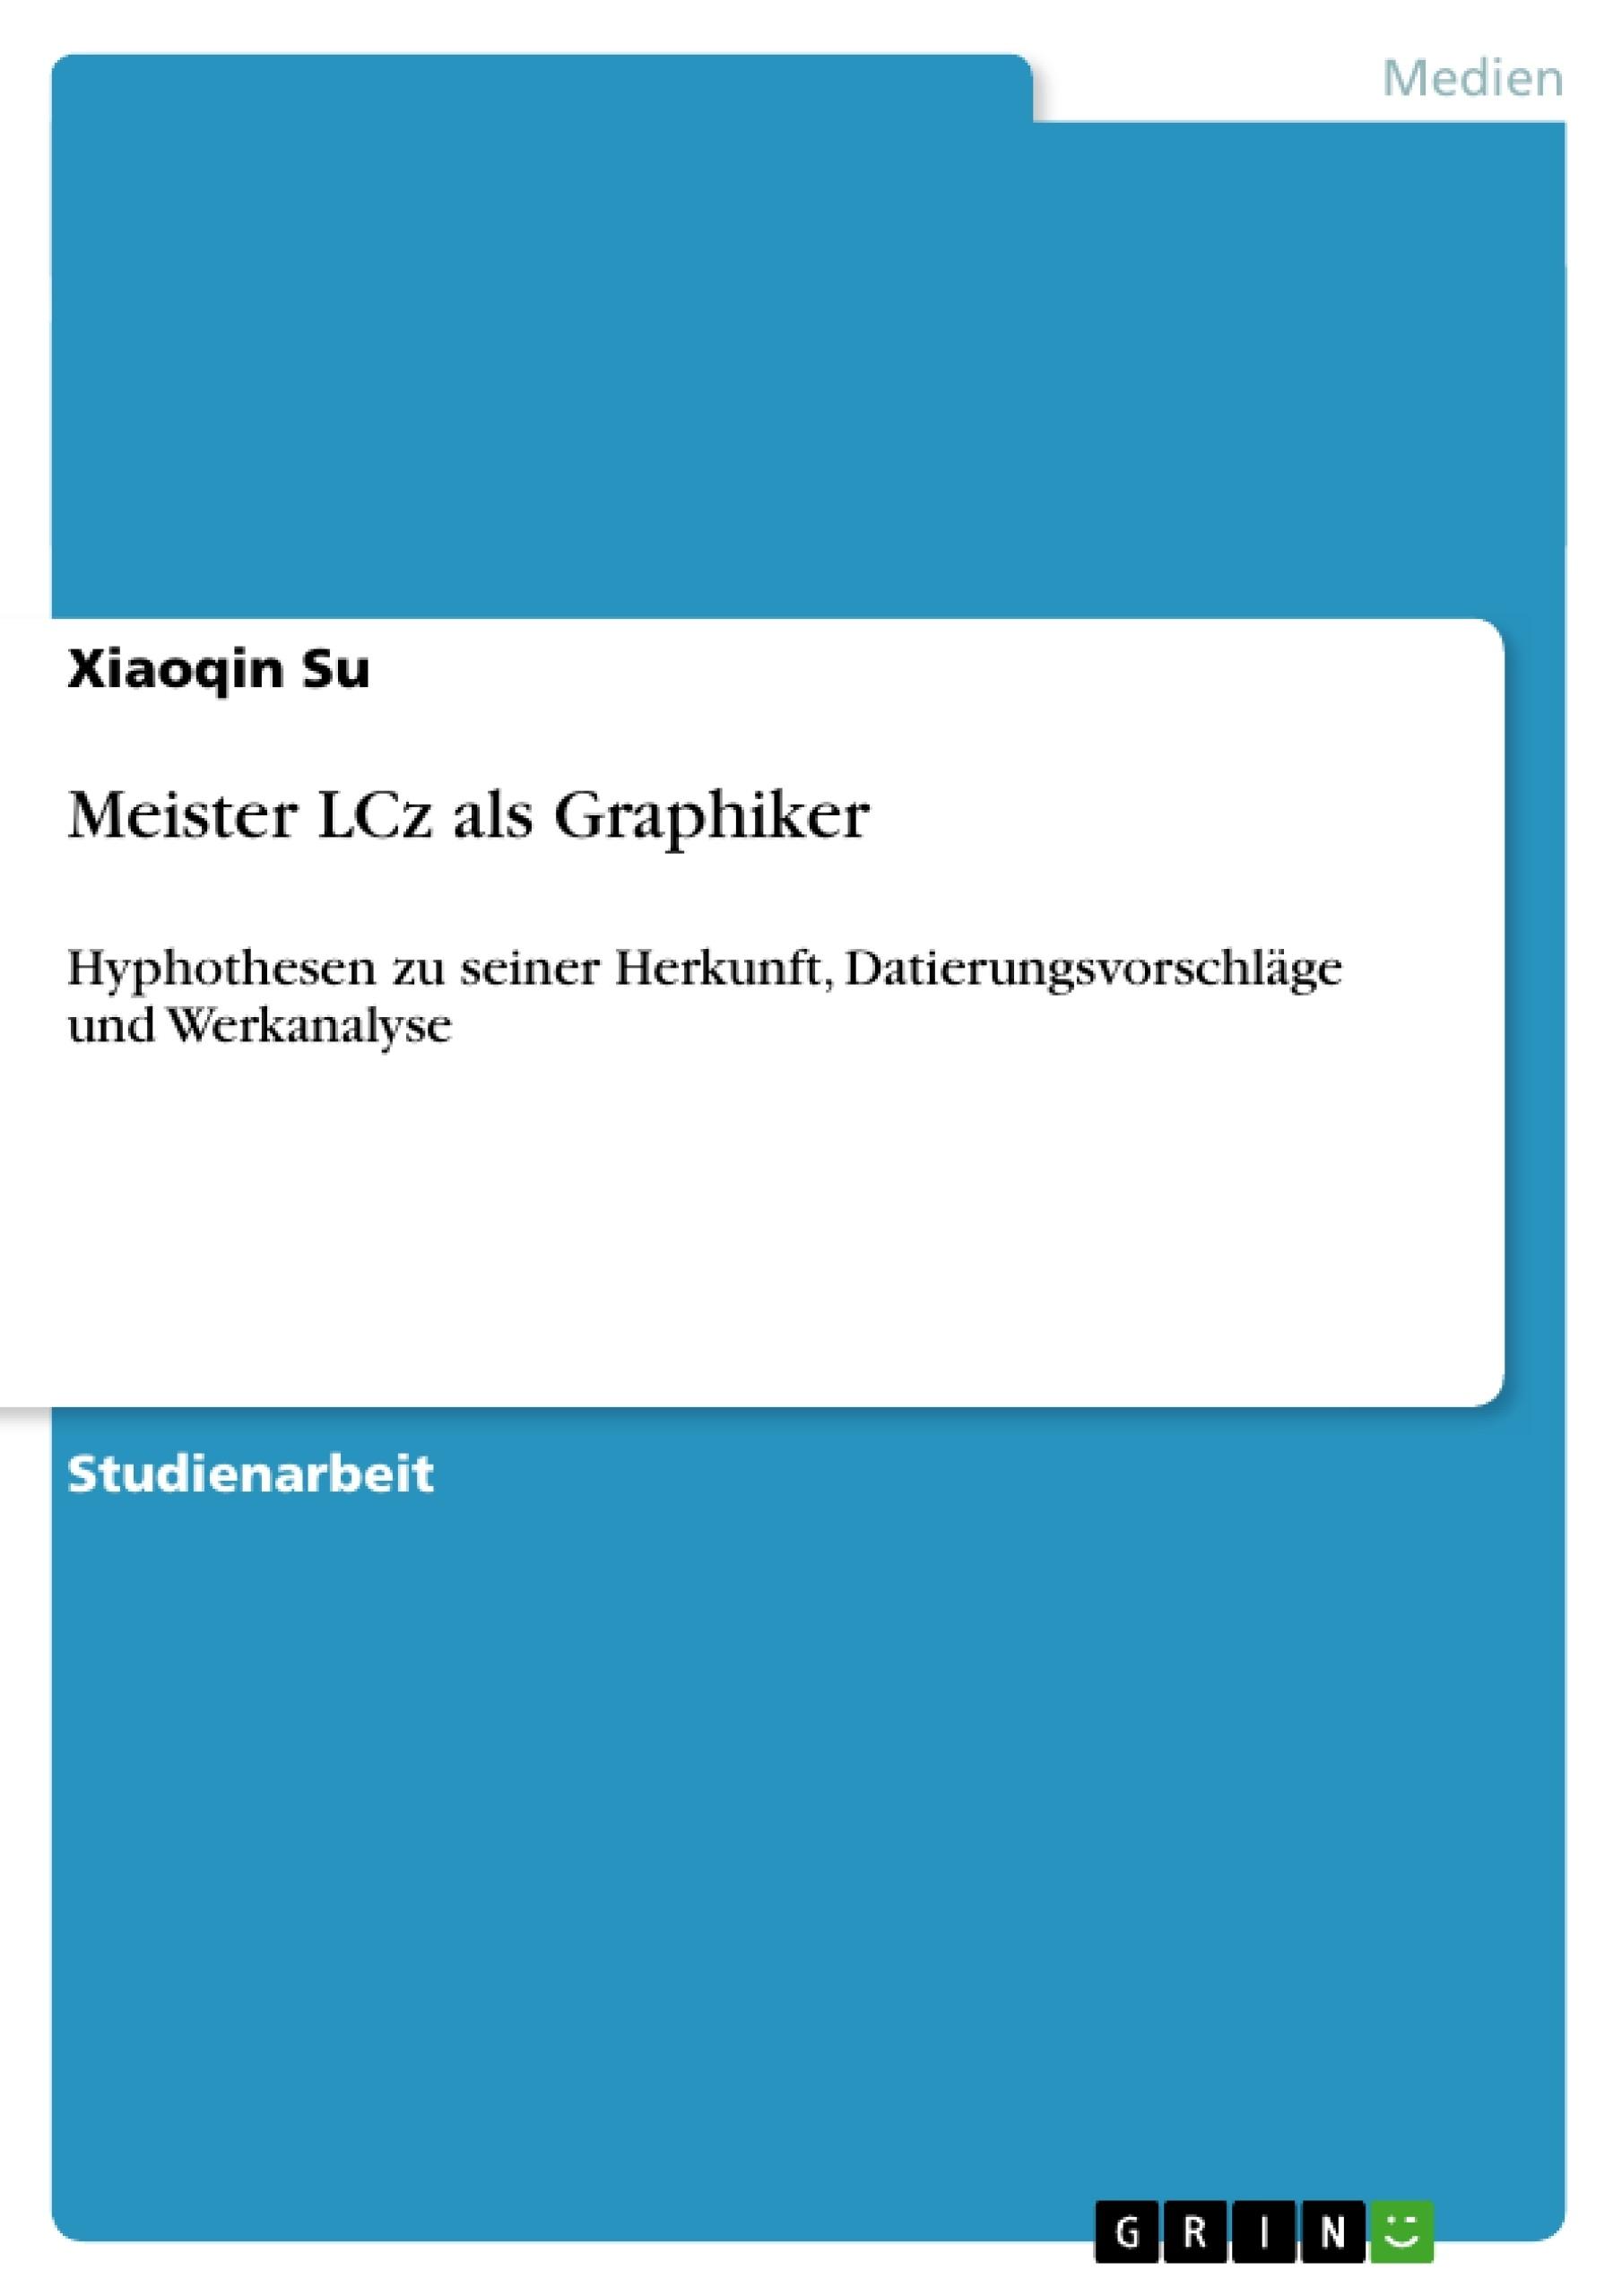 Titel: Meister LCz als Graphiker